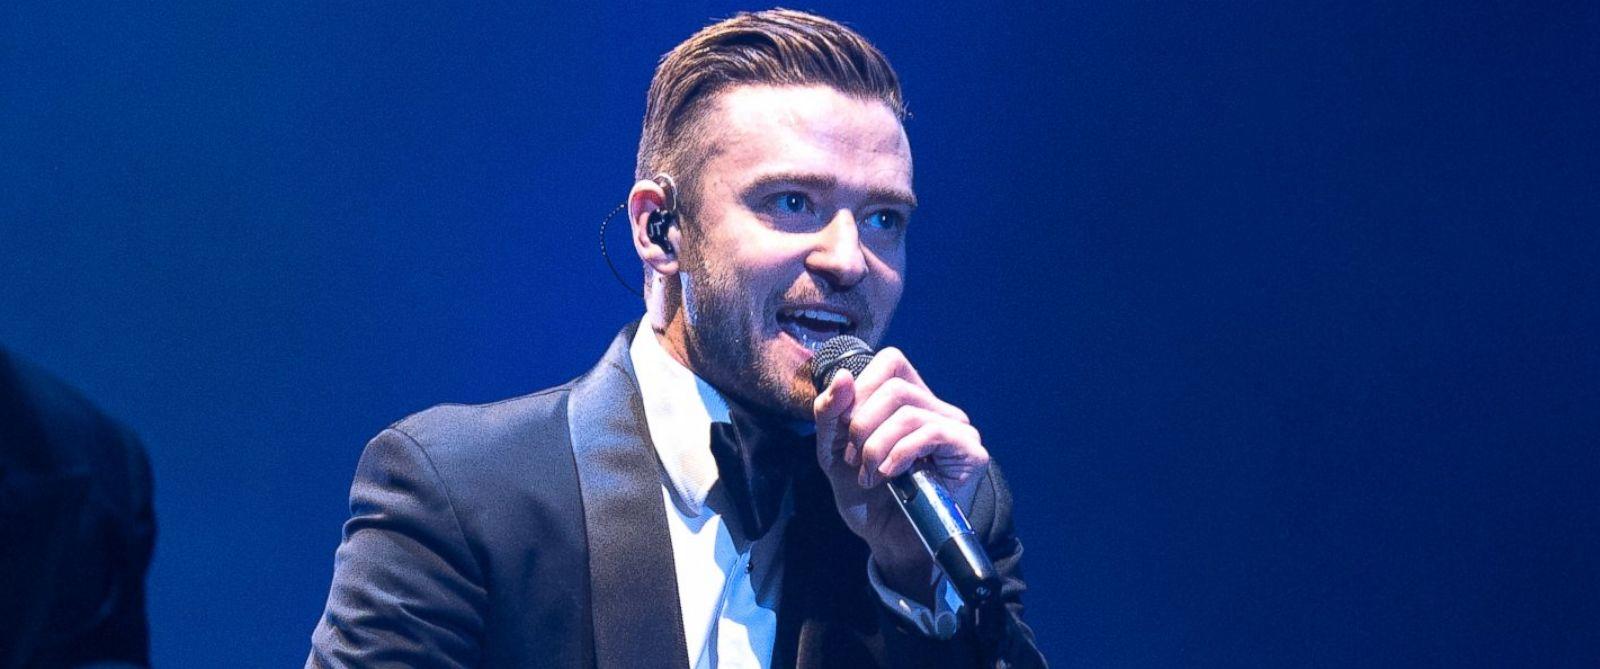 PHOTO: Justin Timberlake performs at Stade de France in Paris, April 26, 2014.